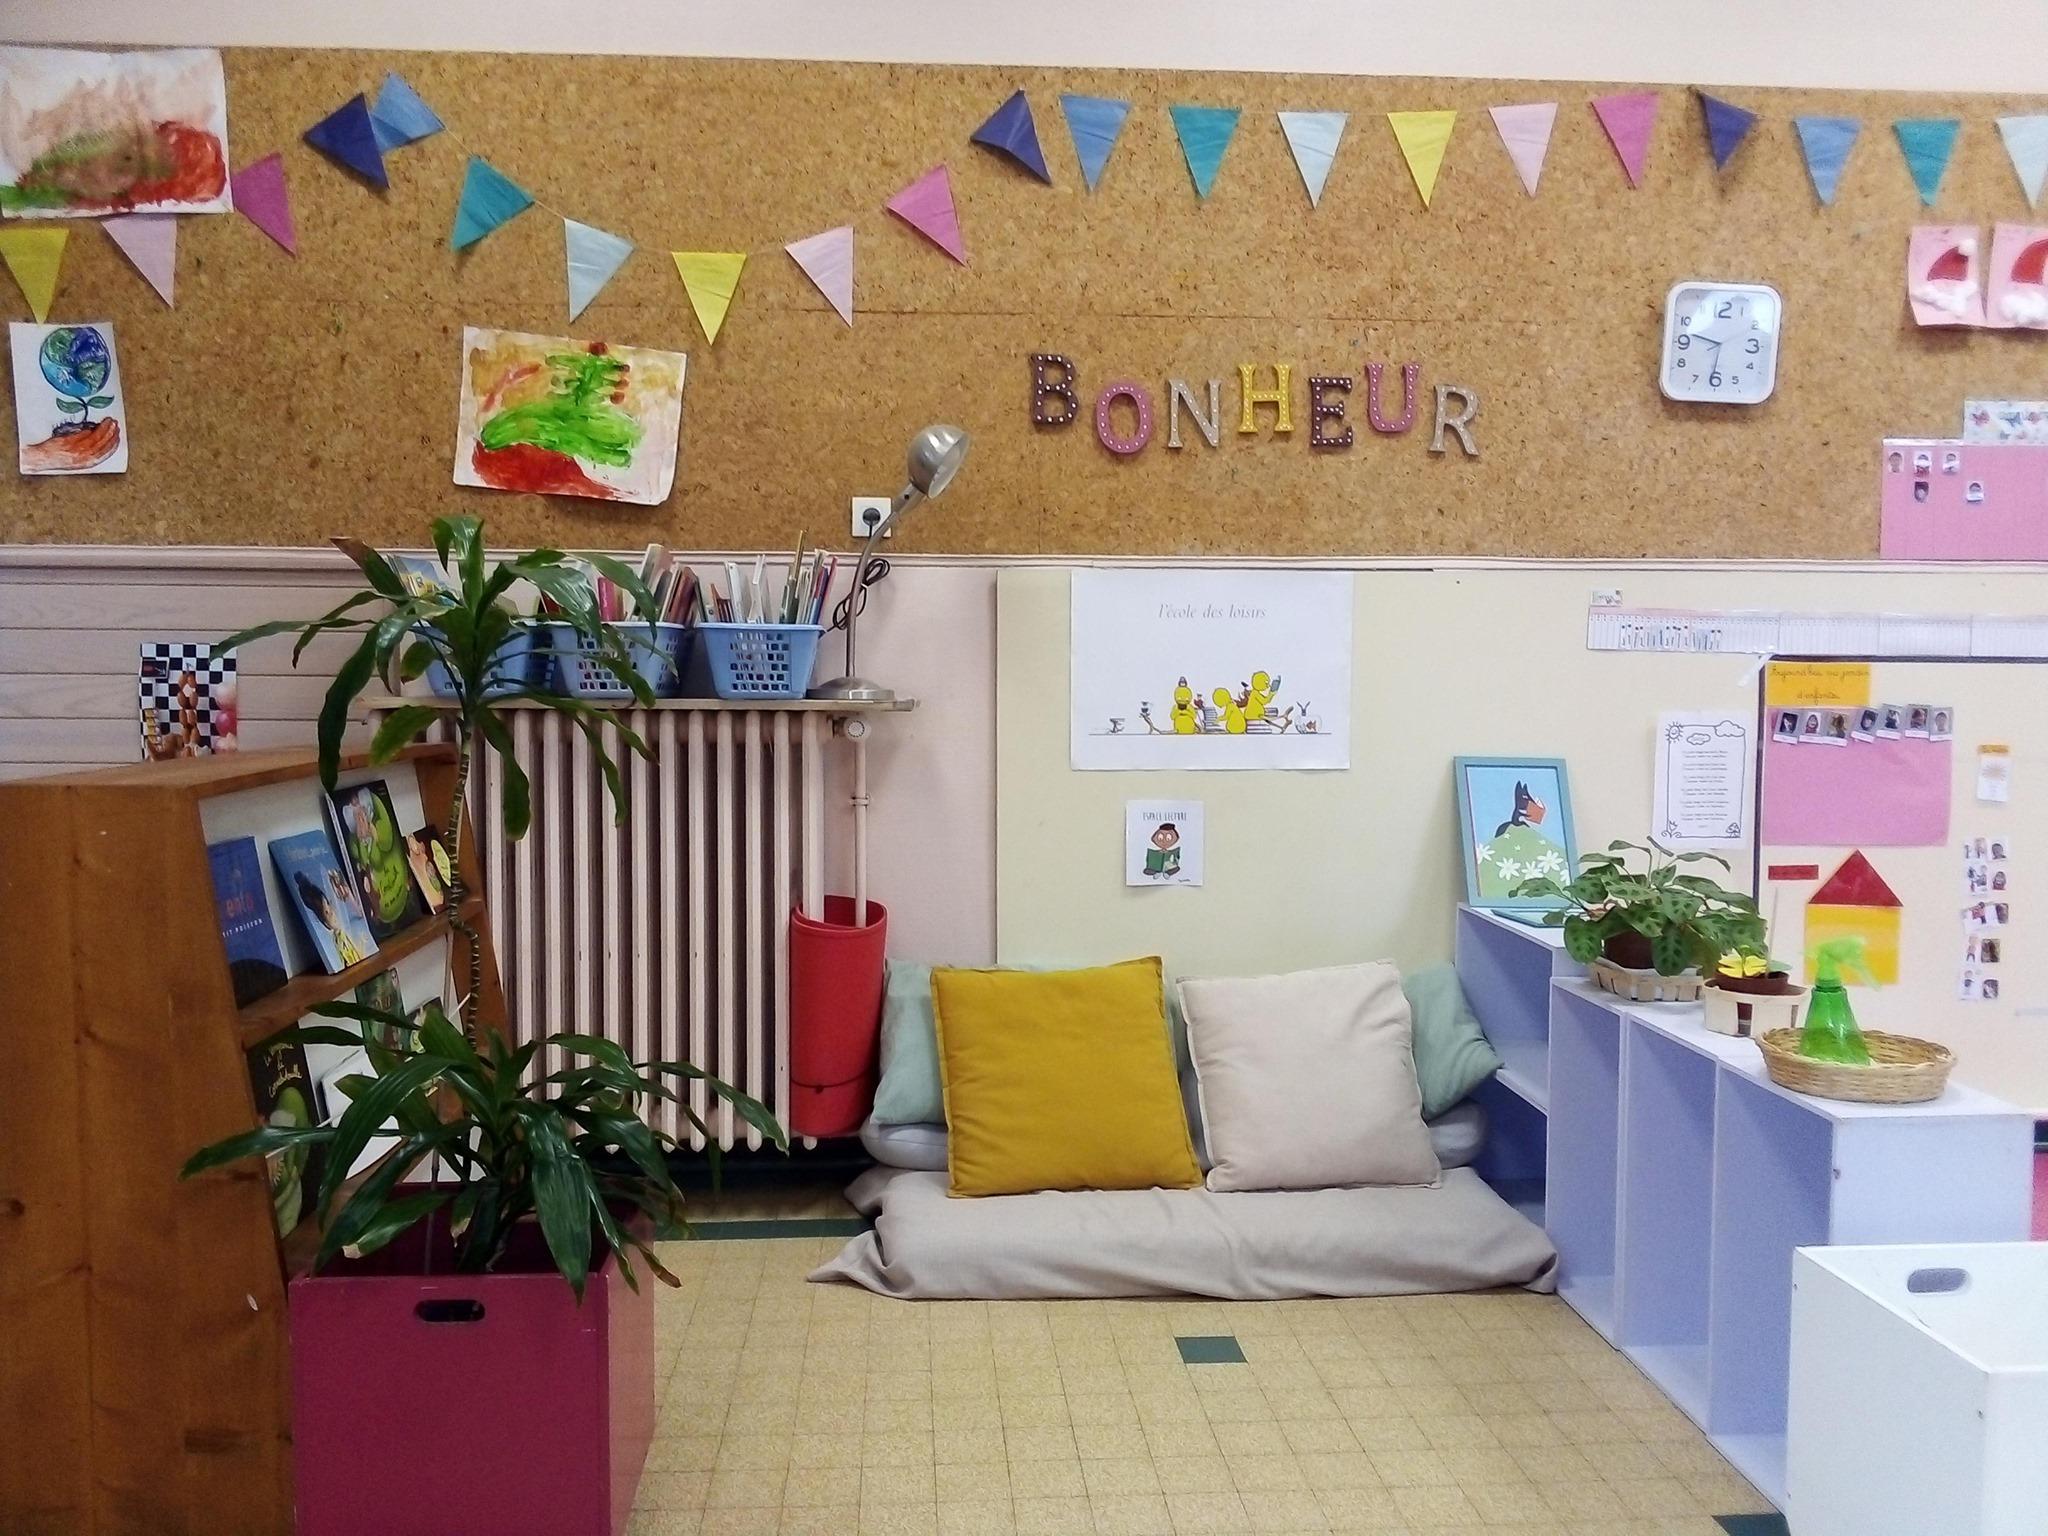 [Rentrée 2020]Il reste des places au Jardin d'enfants de la Tronche, un lieu familial pour les enfants dès 2 ans, ouvert 5 jours sur 5!